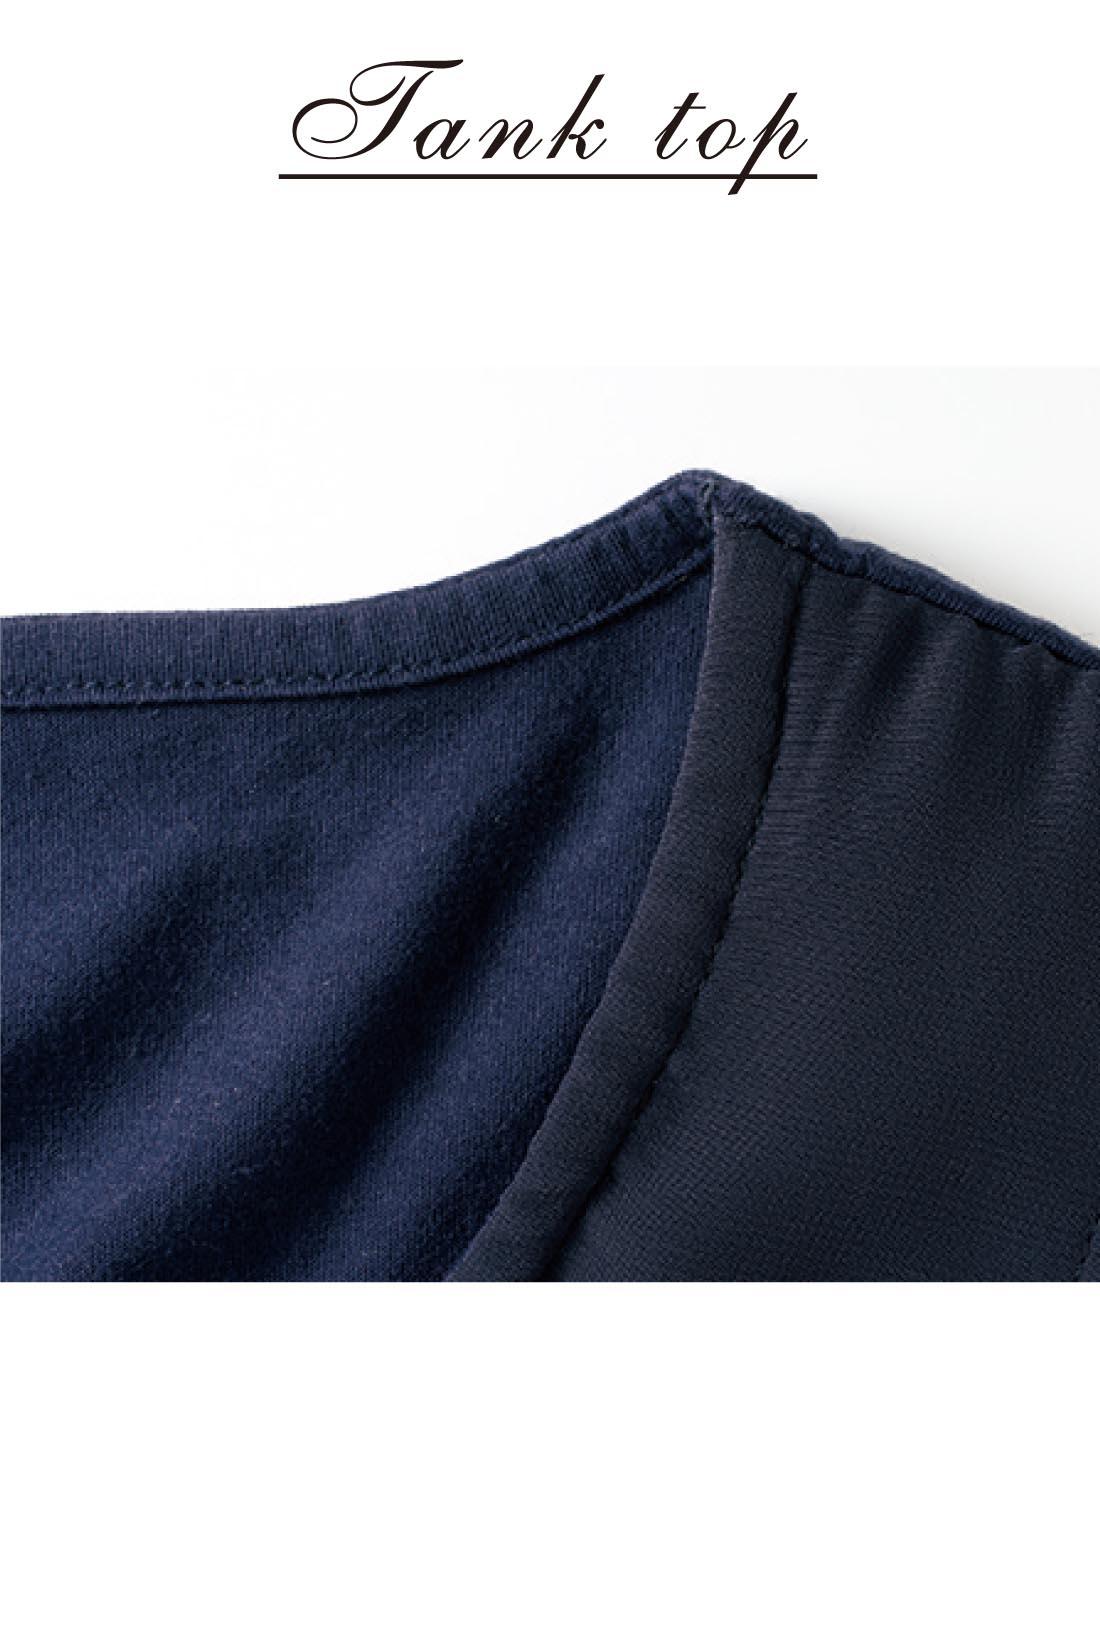 タンクトップの肌に当たる部分は、カットソー。らくちん&伸びやかな着心地です。 ※お届けするカラーとは異なります。